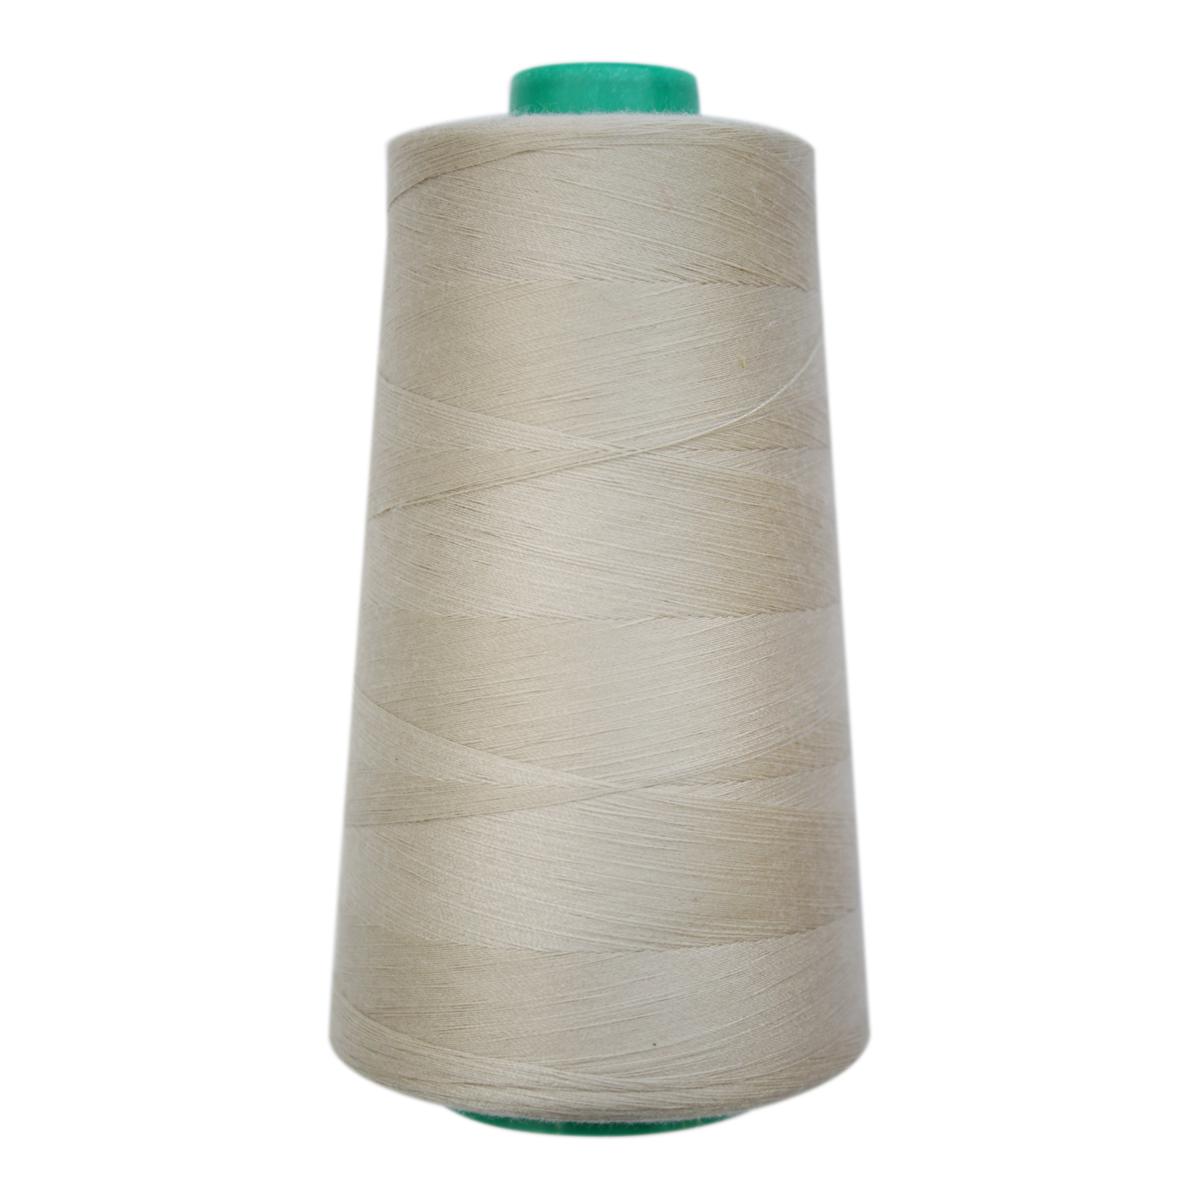 Нитки для шитья Bestex 50/2, 5000 ярд, цвет: серо-молочный (156)7700936-156Сфера использования: трикотаж; ткани малого веса; оверлочные швы; отделка краев; вышивка. Размер игл №70-80